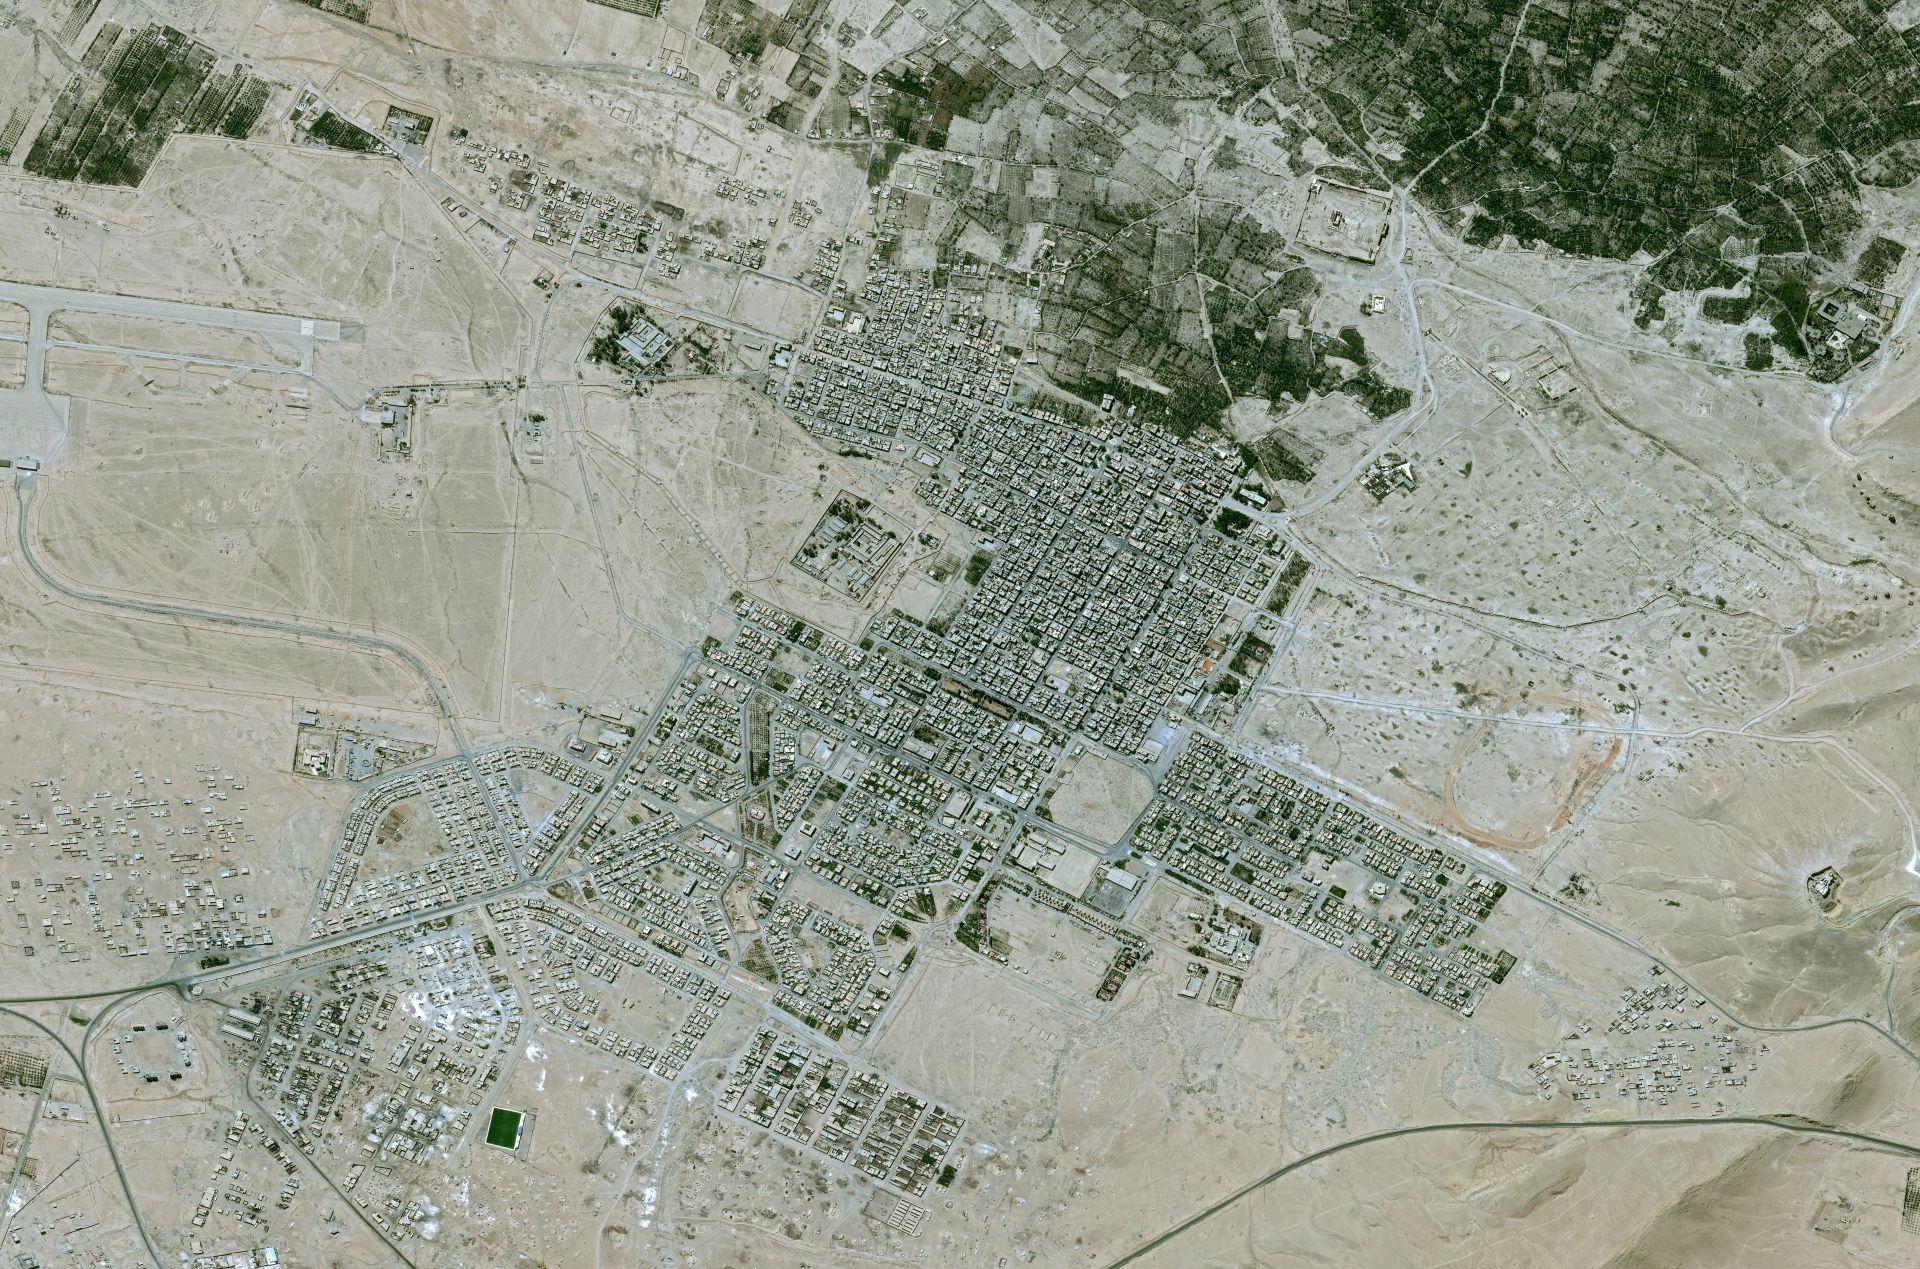 Satellite Pleiades - Palmyre - Syrie - temple de Baalshamin - avant destruction par EI - 22 mai 2015 - CNES – Airbus Defence and Space - UNITAR